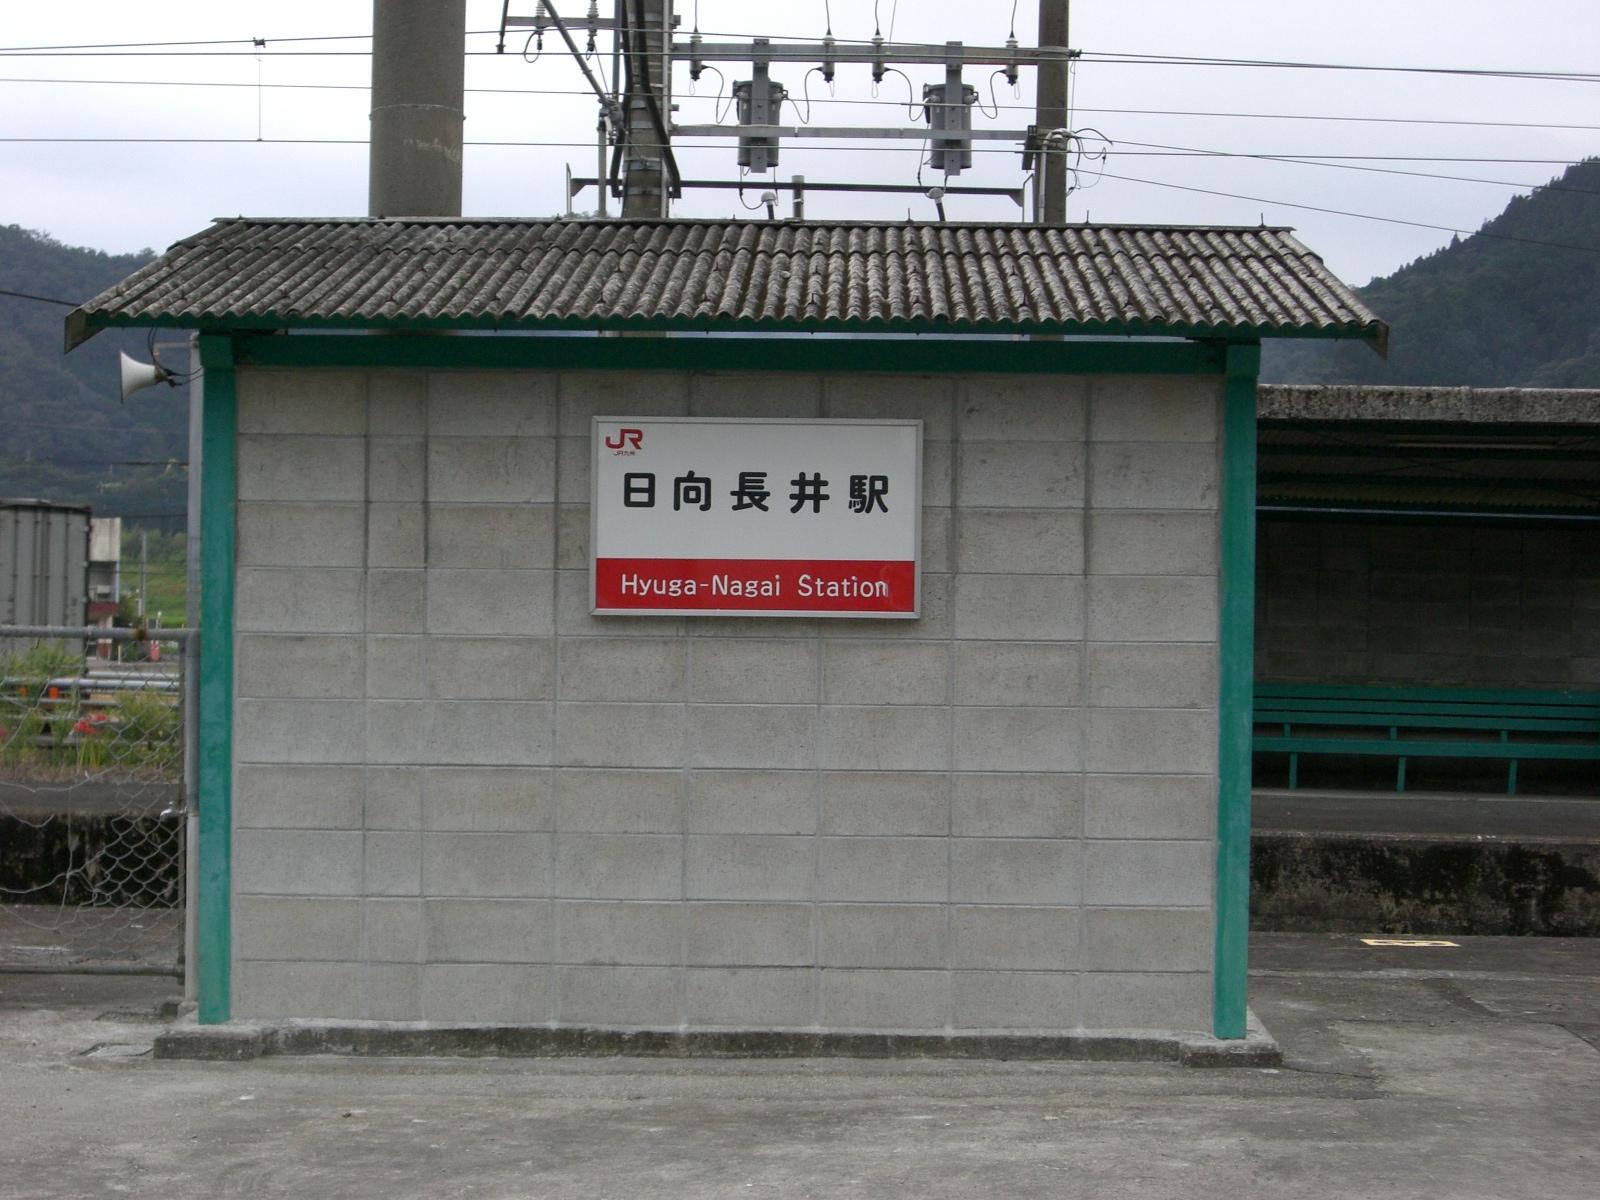 휴가나가이 역